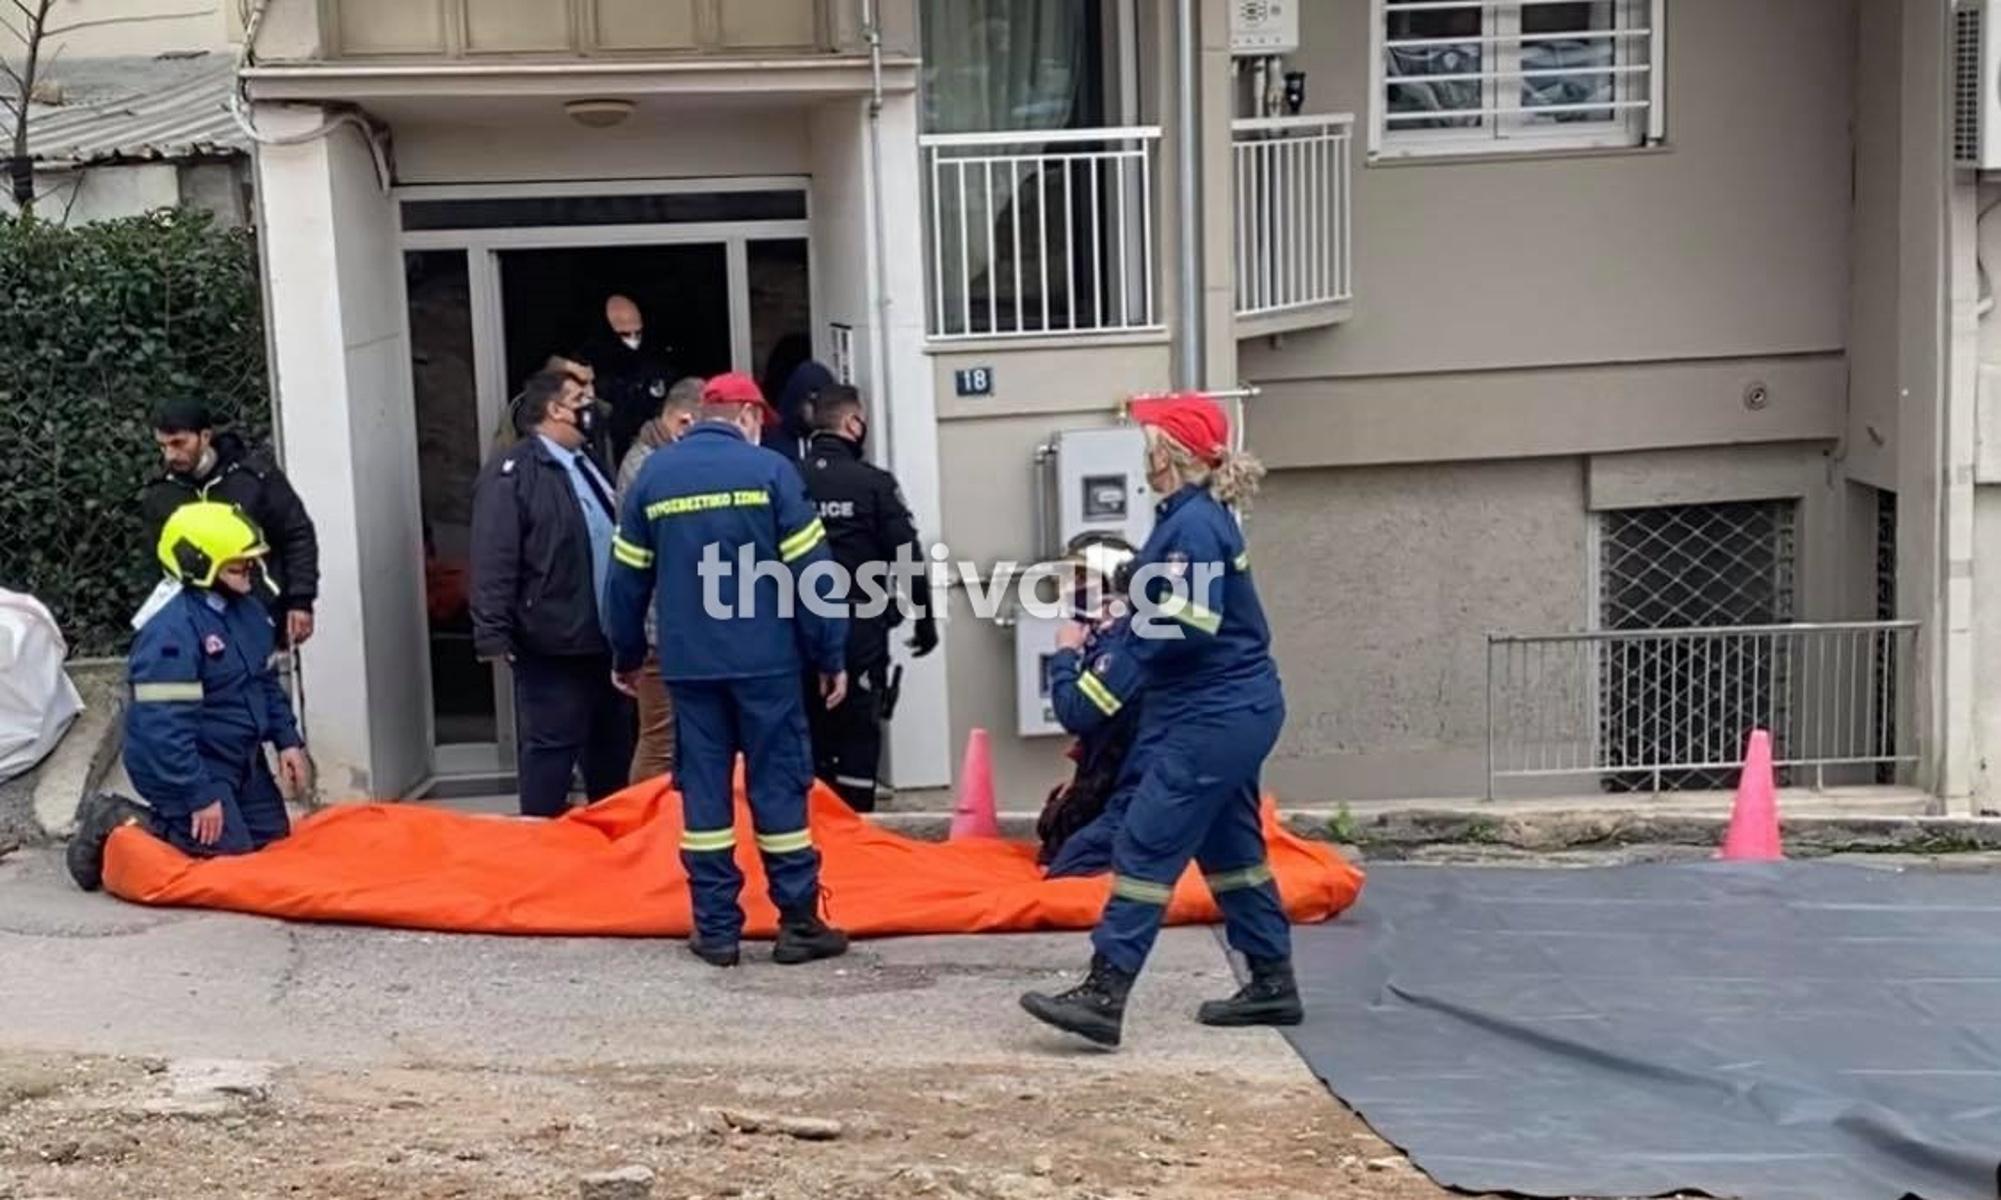 Θεσσαλονίκη: Αίσιο τέλος με τον 25χρονο που απειλούσε να αυτοκτονήσει πέφτοντας στο κενό